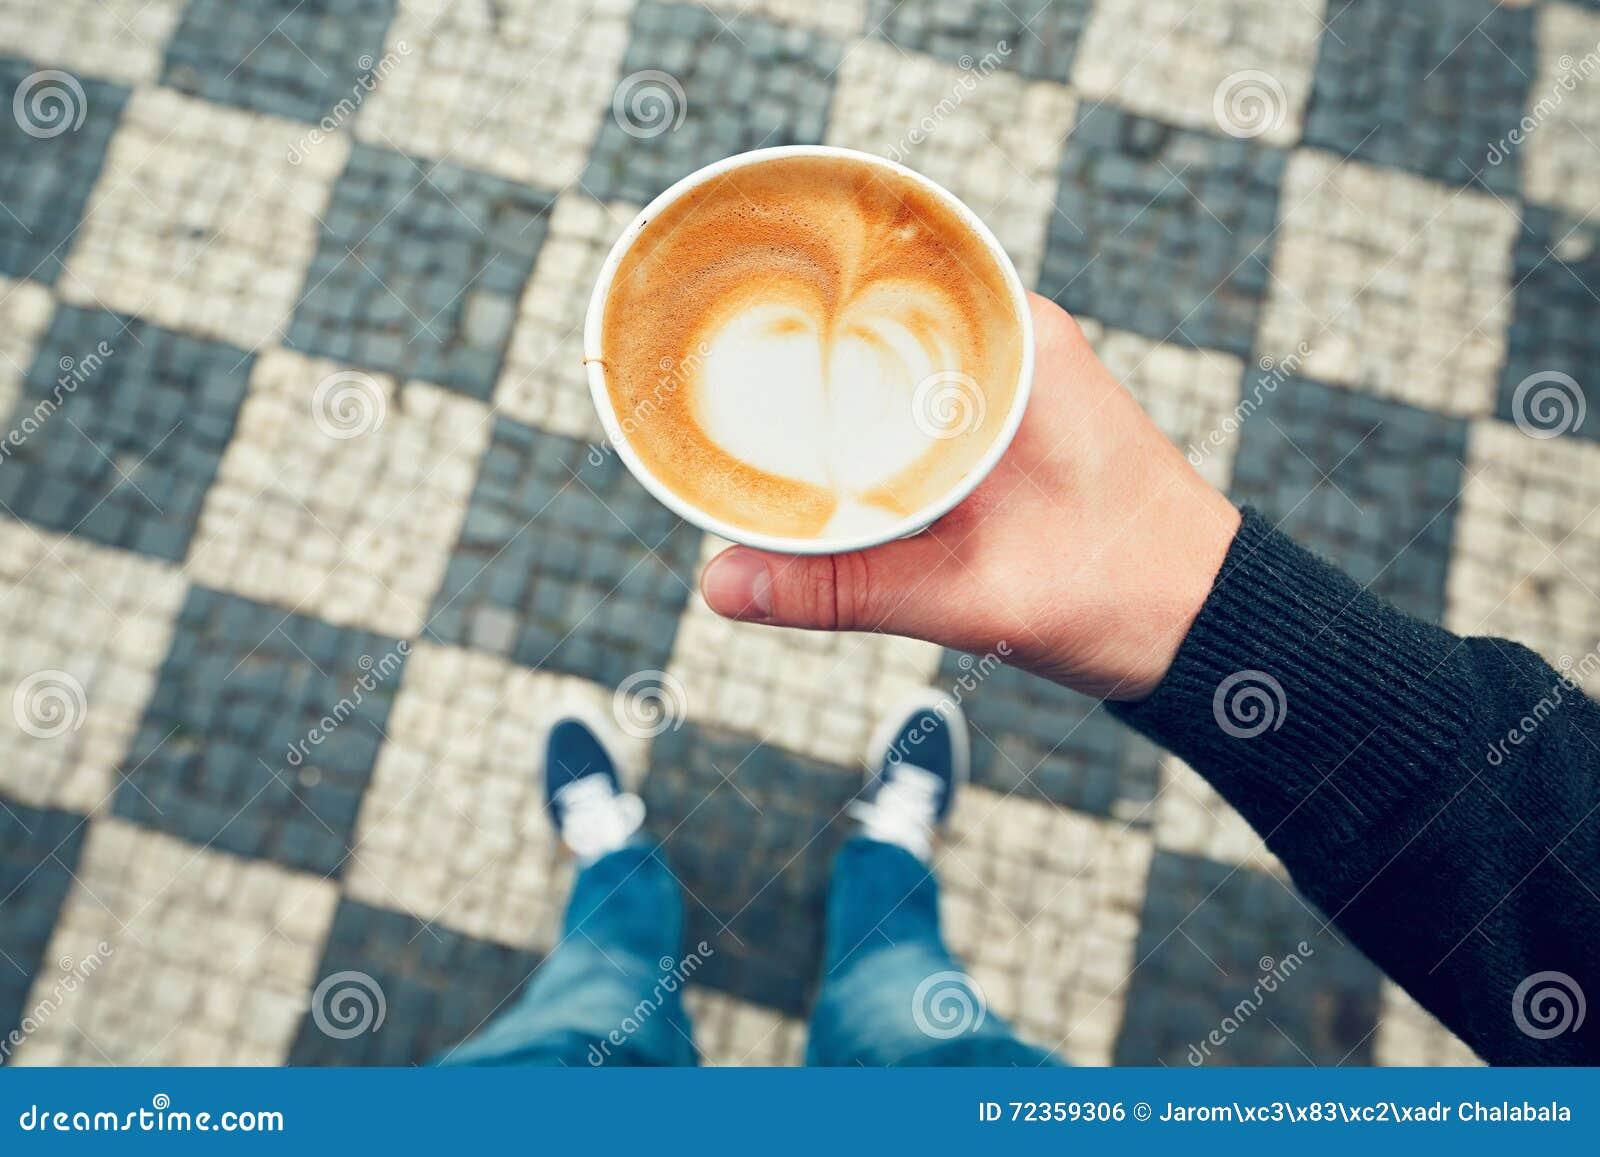 咖啡杯纸张